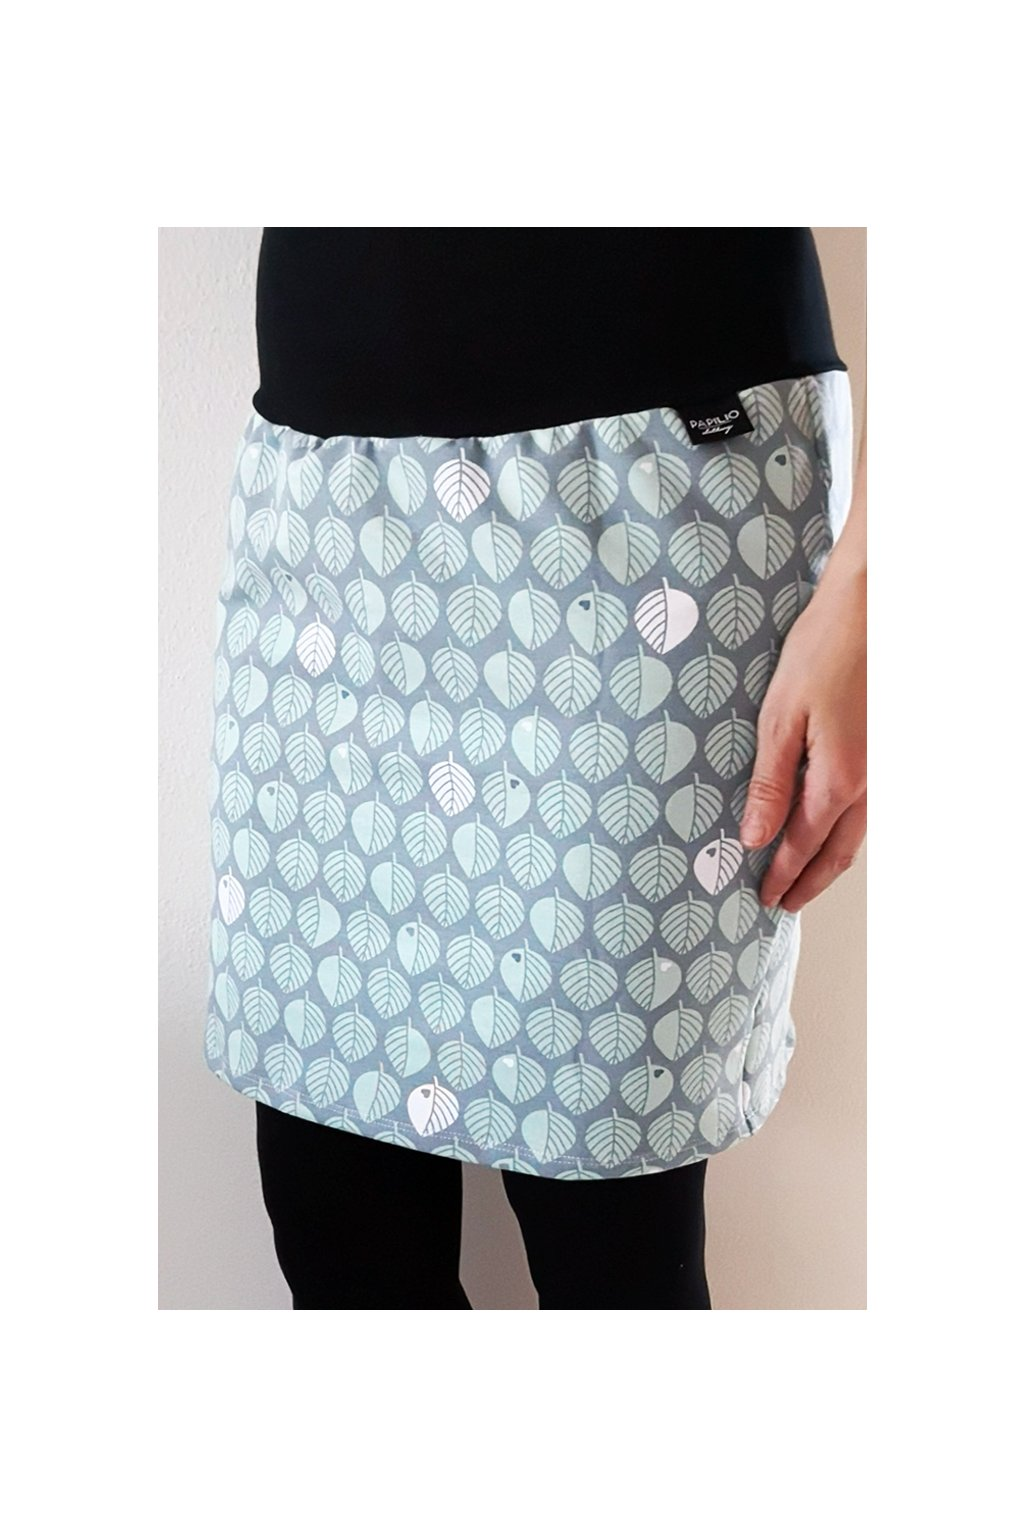 Pouzdrová sukně Lístky mint | úplet